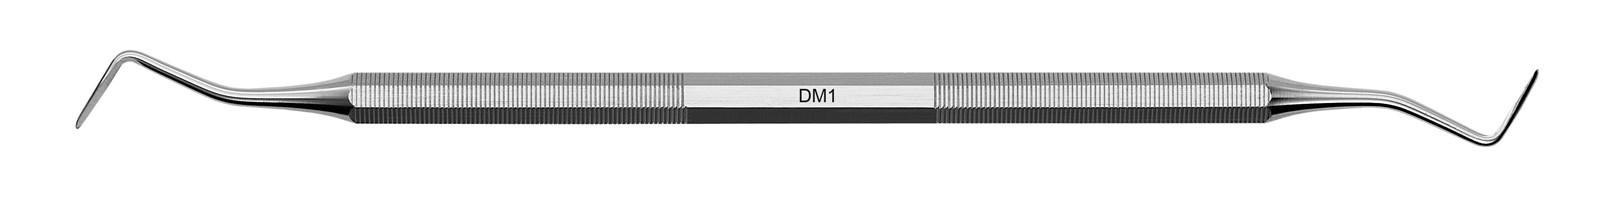 Lžičkové dlátko - DM1, ADEP světle zelený